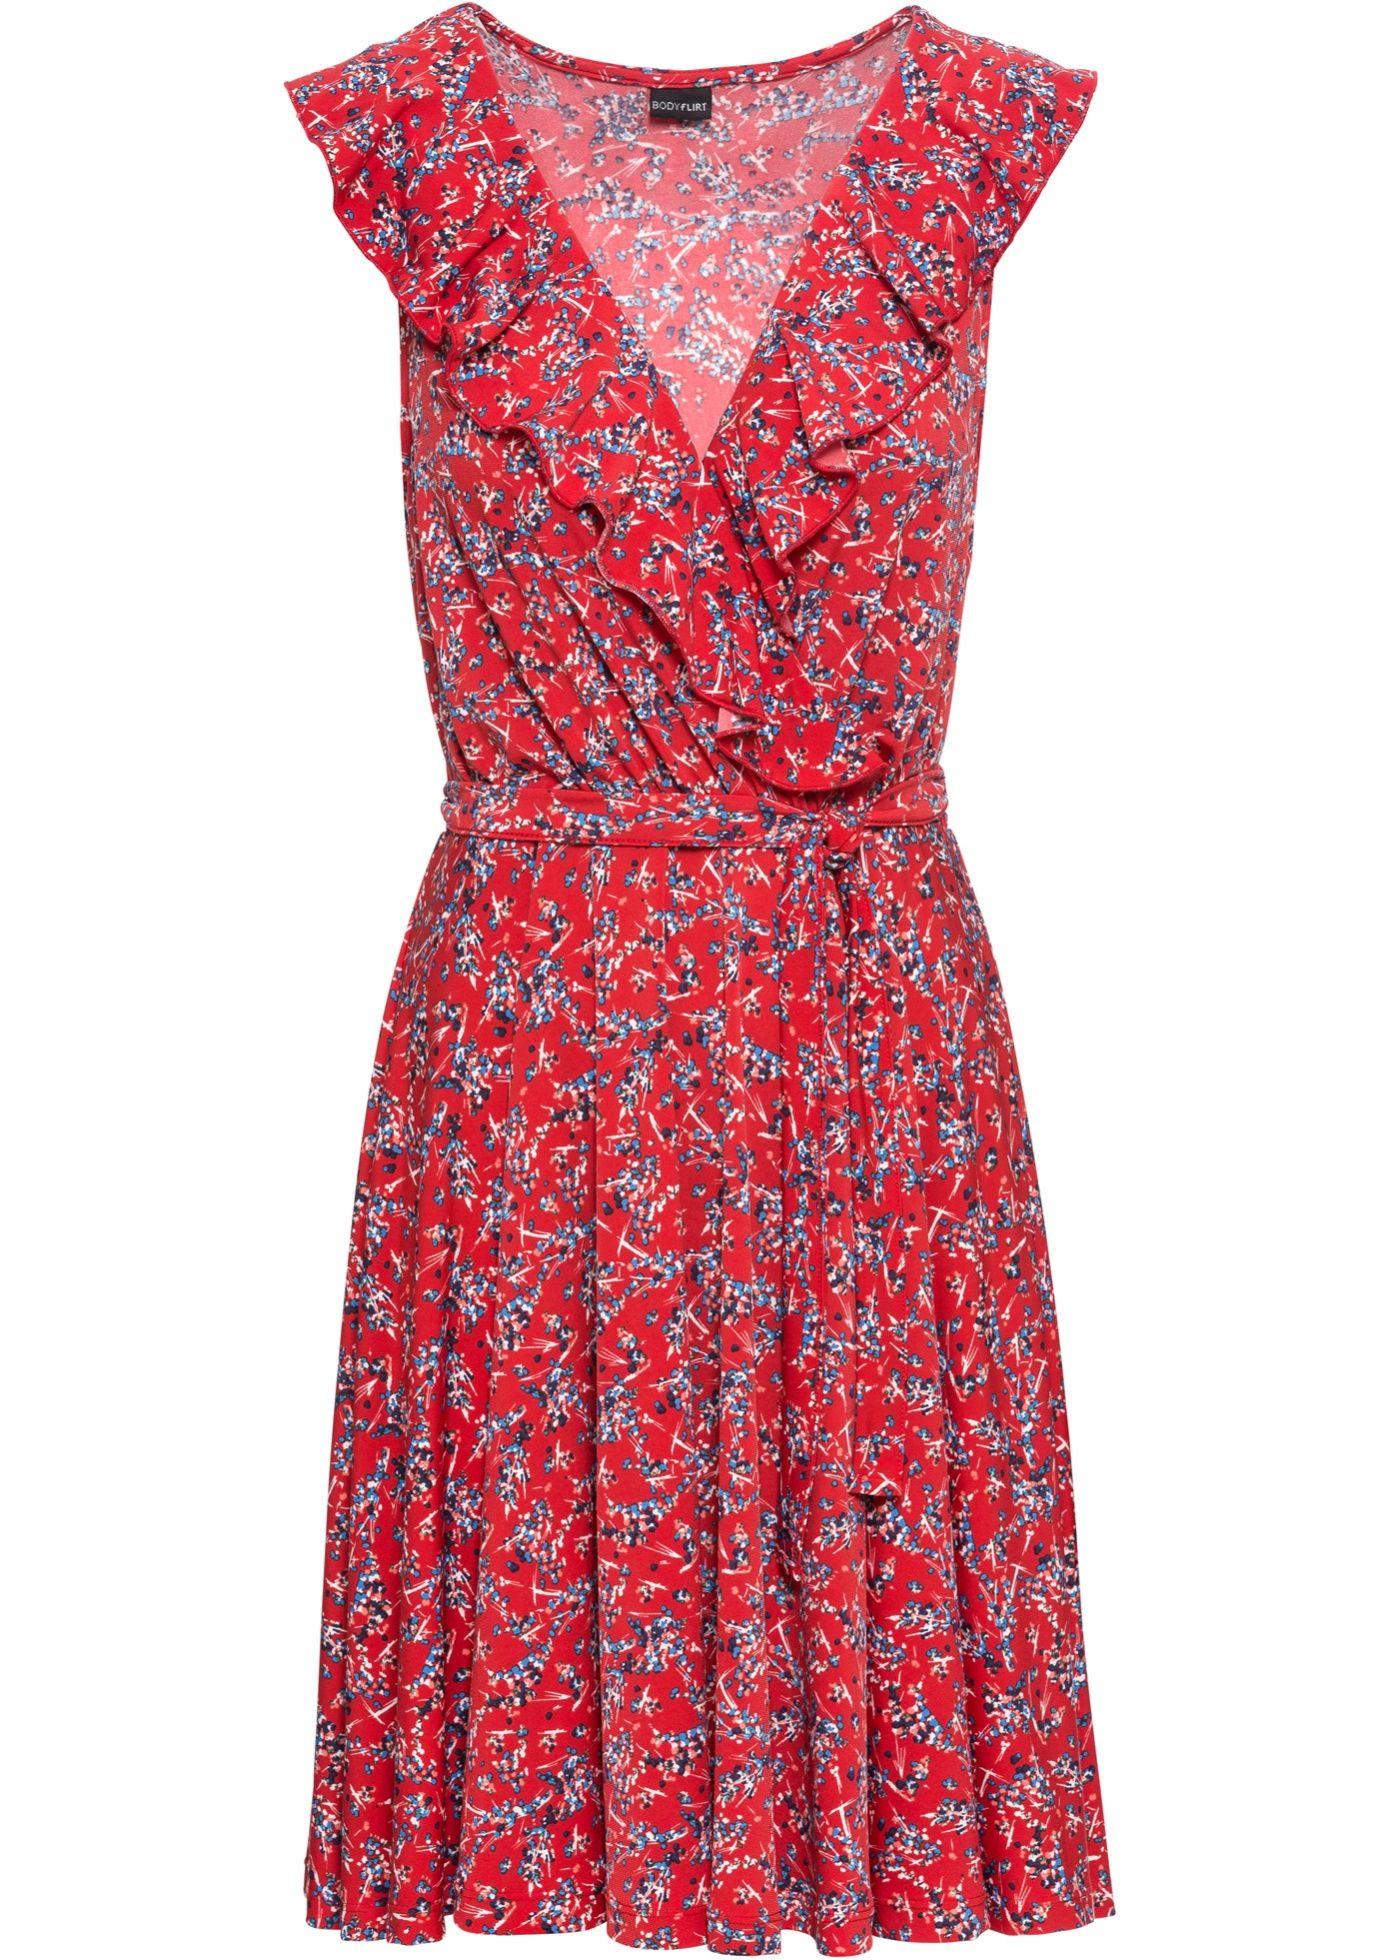 Zauberhaftes Kleid Mit Volants Schwarz Bedruckt In 2020 Blumchenkleid Kleider Armelloses Kleid